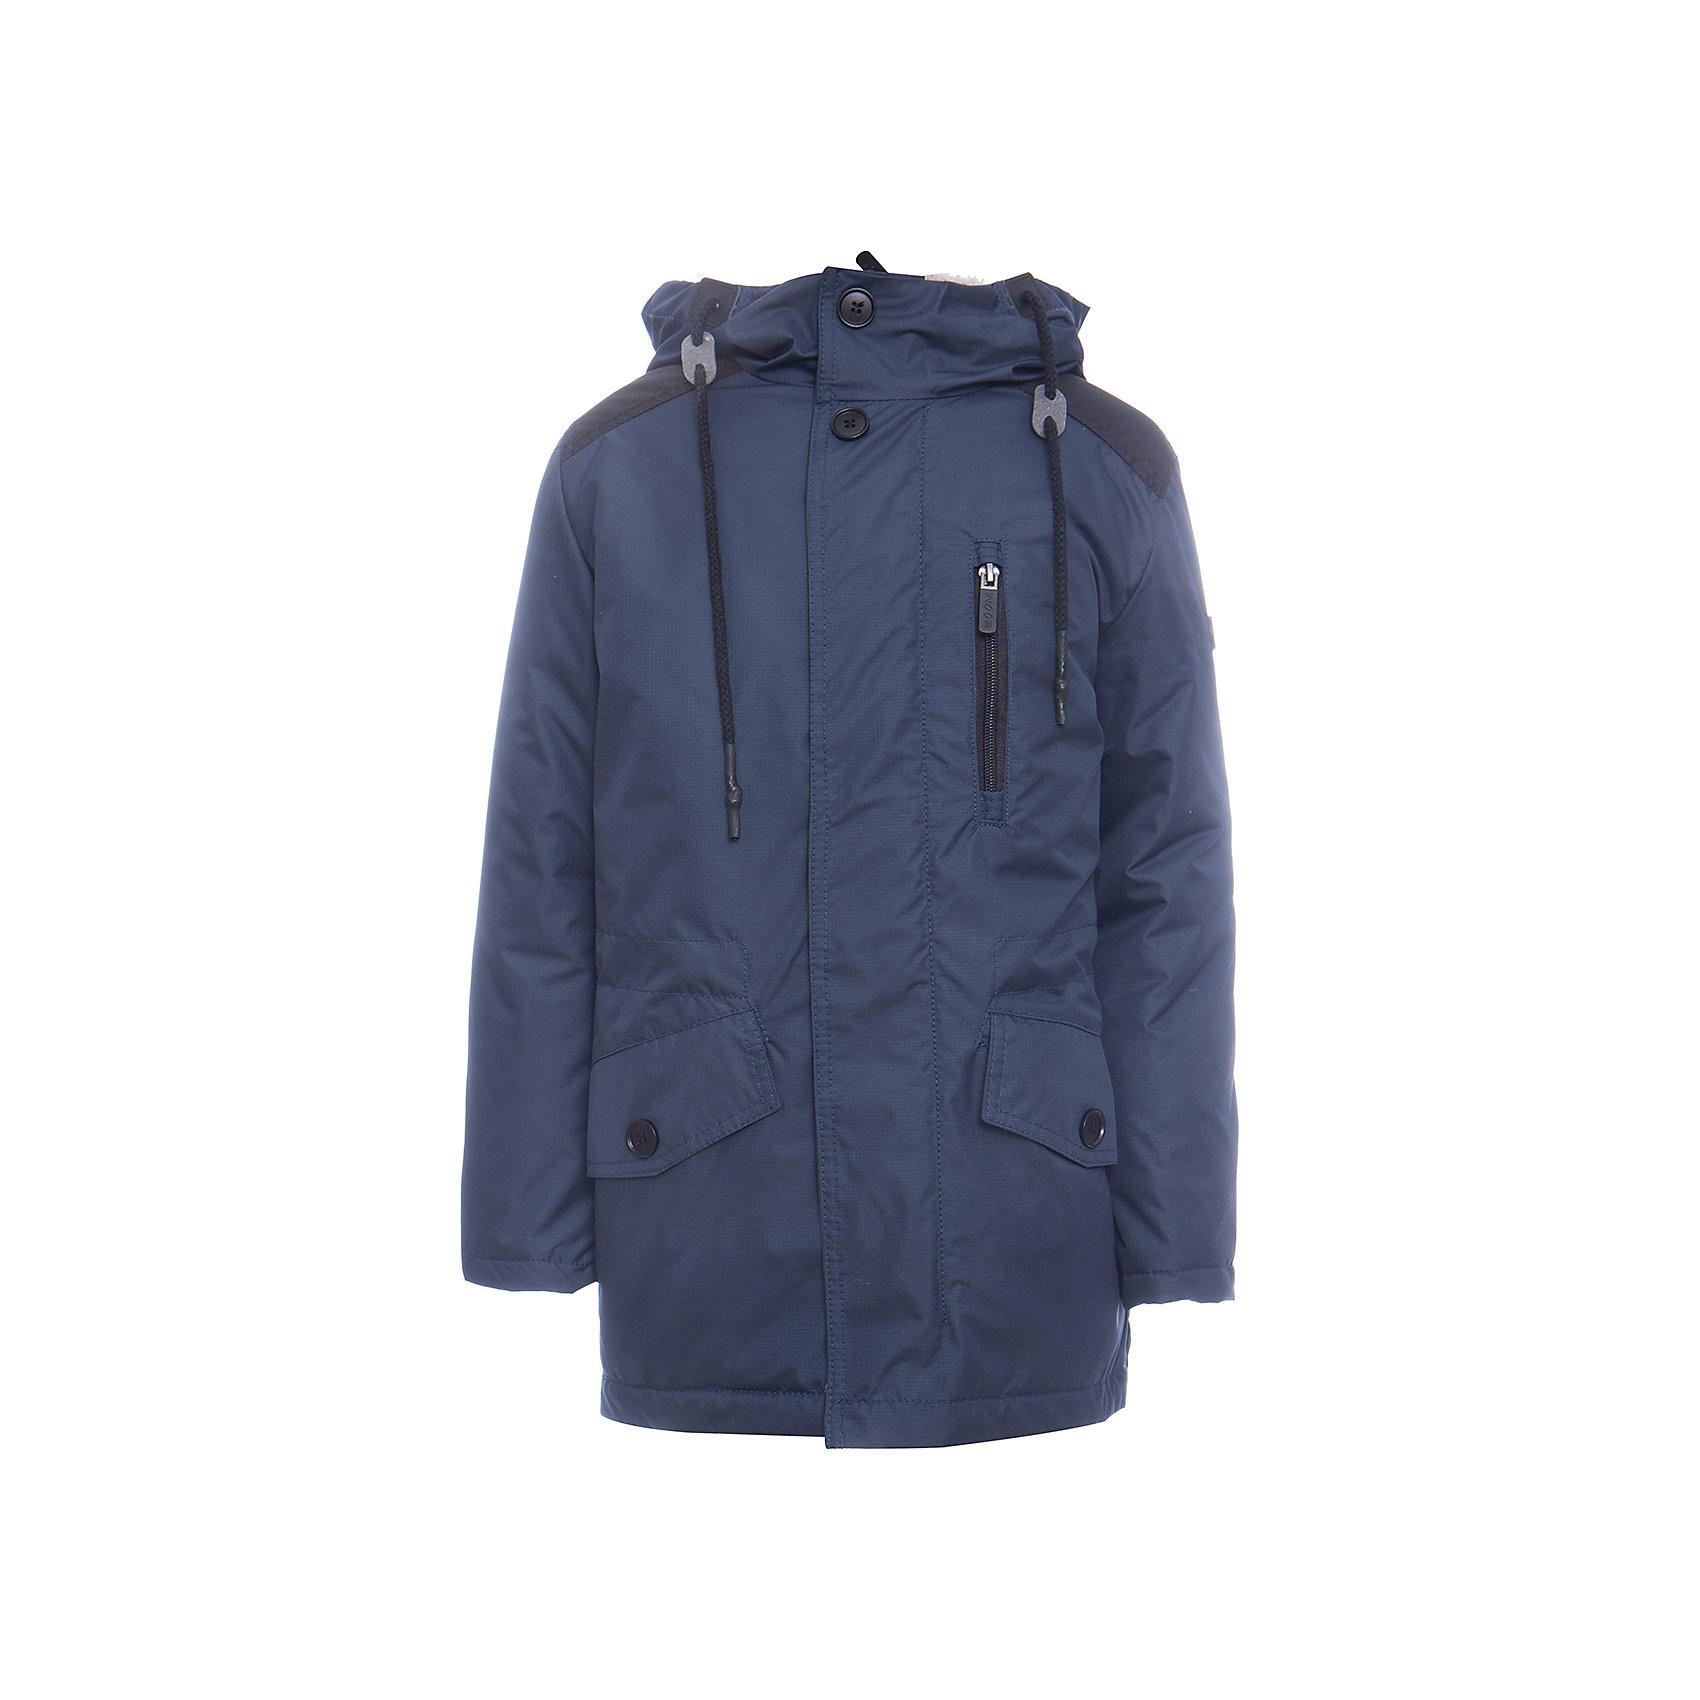 Куртка-парка BOOM by Orby для мальчикаВерхняя одежда<br>Характеристики товара:<br><br>• цвет: синий<br>• ткань верха: Таффета peach pu<br>• подкладка: ПЭ пуходержащий; Мех иск. на трикотажной основе<br>• утеплитель: Flexy Fiber 150 г/м2, пристежка - Flexy Fiber 100 г/м2<br>• отделка: Таслан pu milky<br>• сезон: демисезон<br>• температурный режим: от +15°до -10°С<br>• особенности: на молнии<br>• тип куртки: парка с подстежкой<br>• капюшон: без меха, несъемный<br>• страна бренда: Россия<br>• страна изготовитель: Россия<br><br>Благодаря утеплителю, оптимальному прилеганию и капюшону такая куртка защитит ребенка от холода и сырости в демисезон. Эта модная парка дополнена внутренней пристежкой с утеплителем. <br><br>Куртку-парку BOOM by Orby для мальчика можно купить в нашем интернет-магазине.<br><br>Ширина мм: 356<br>Глубина мм: 10<br>Высота мм: 245<br>Вес г: 519<br>Цвет: синий<br>Возраст от месяцев: 144<br>Возраст до месяцев: 156<br>Пол: Мужской<br>Возраст: Детский<br>Размер: 158,104,110,98,116,122,128,134,140,146,152<br>SKU: 7007430